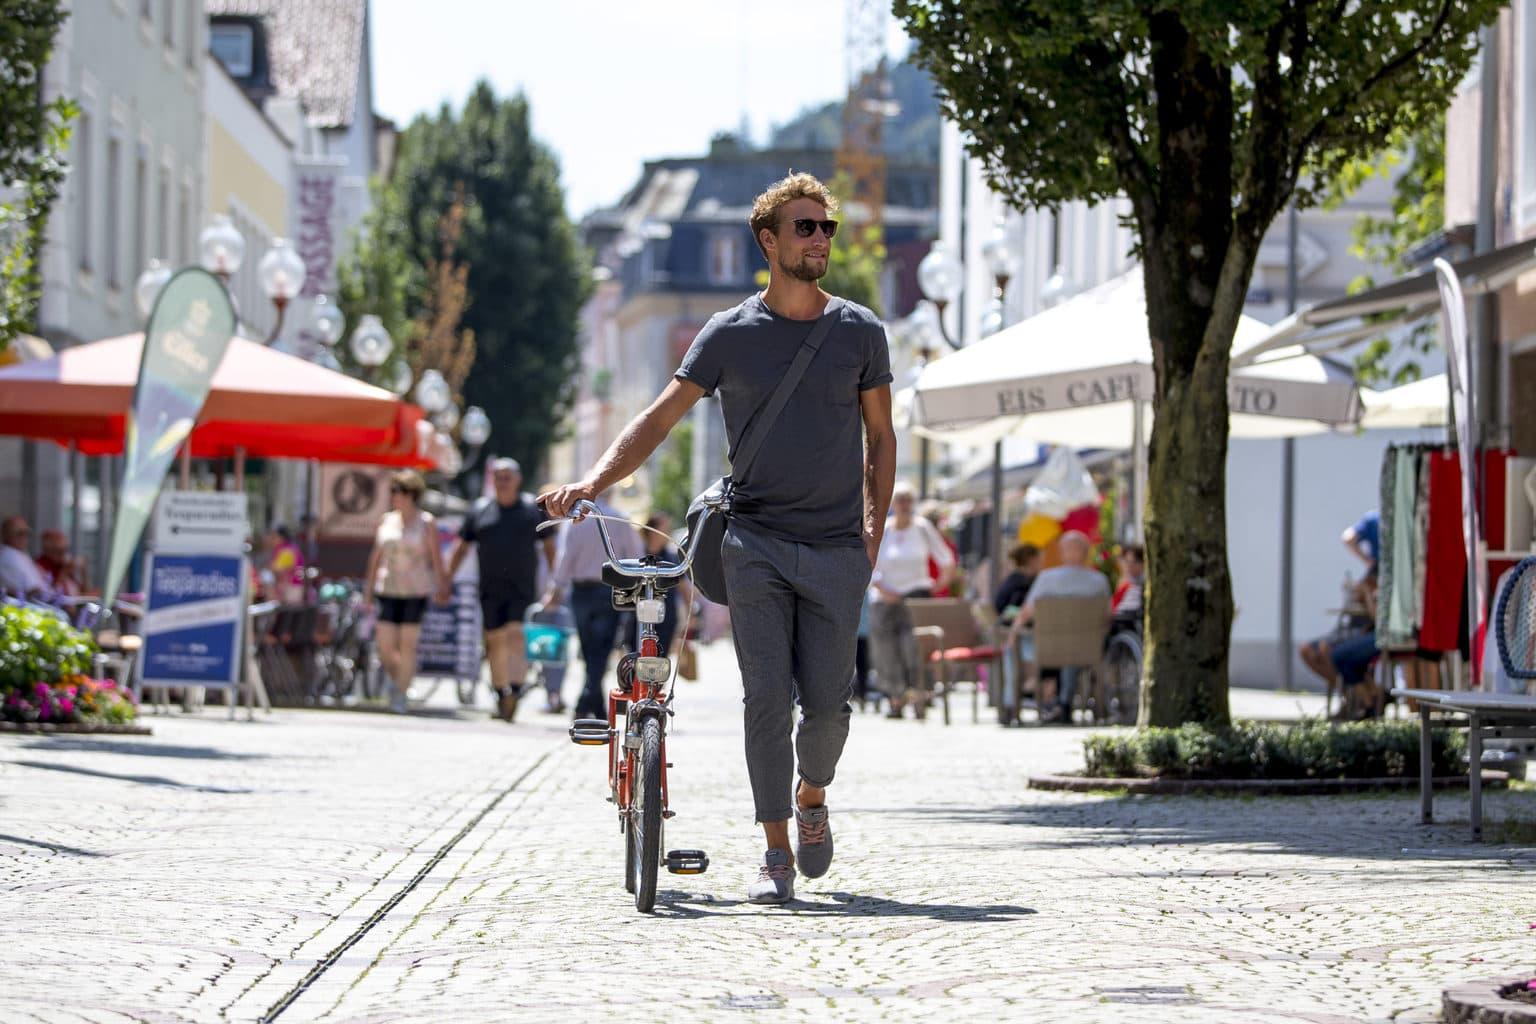 Een man met een fiets in de winkelstraat van Bad Reichenhall